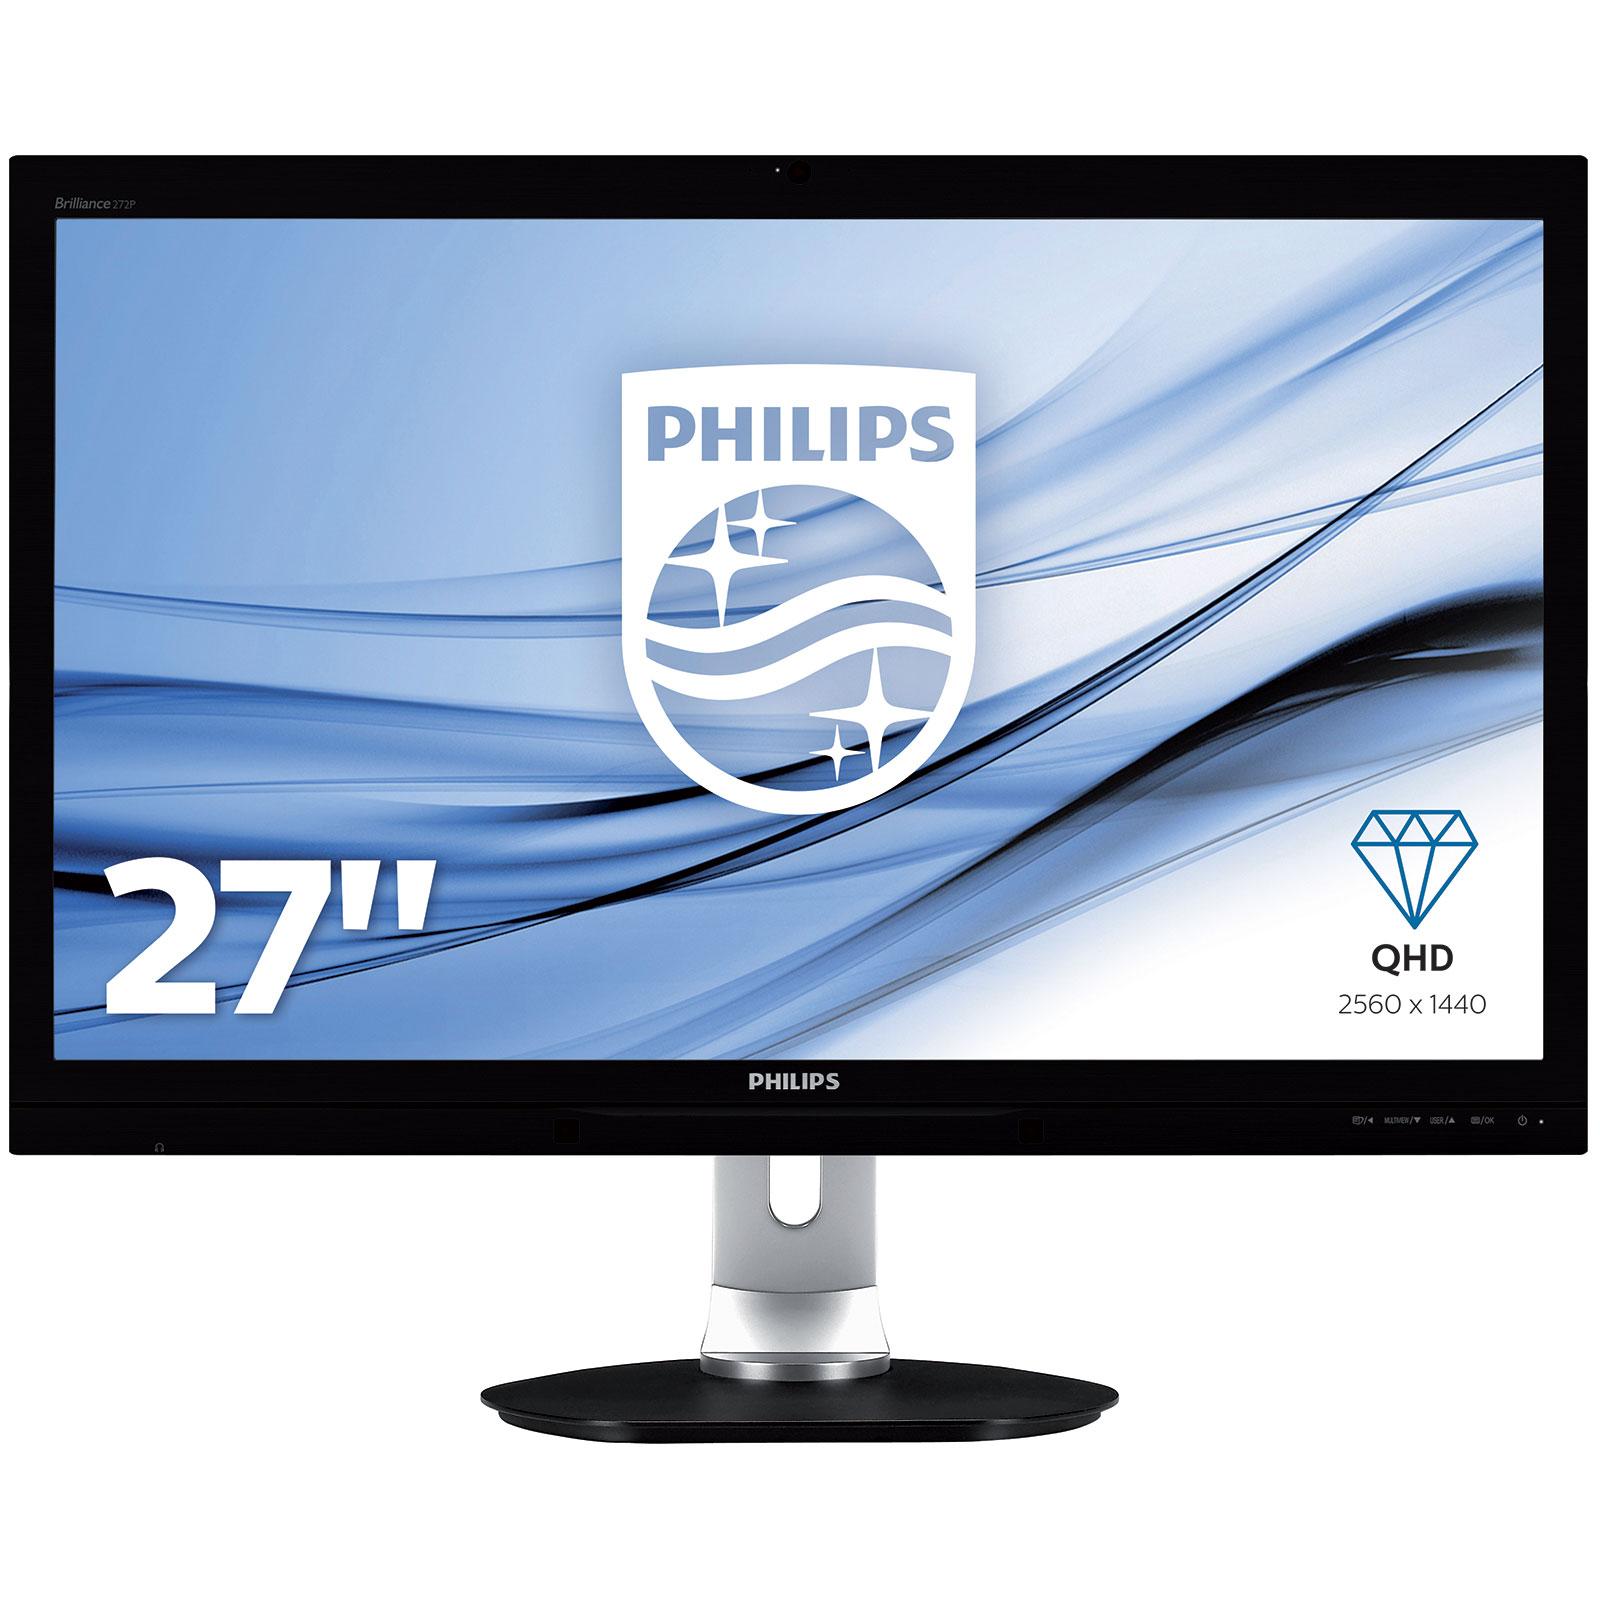 """Ecran PC Philips 27"""" LED - 272P4QPJKEB/00 2560 x 1440 pixels - Dalle PLS - 6 ms - Format 16/9 - DisplayPort - HDMI - DVI - Webcam - Noir"""